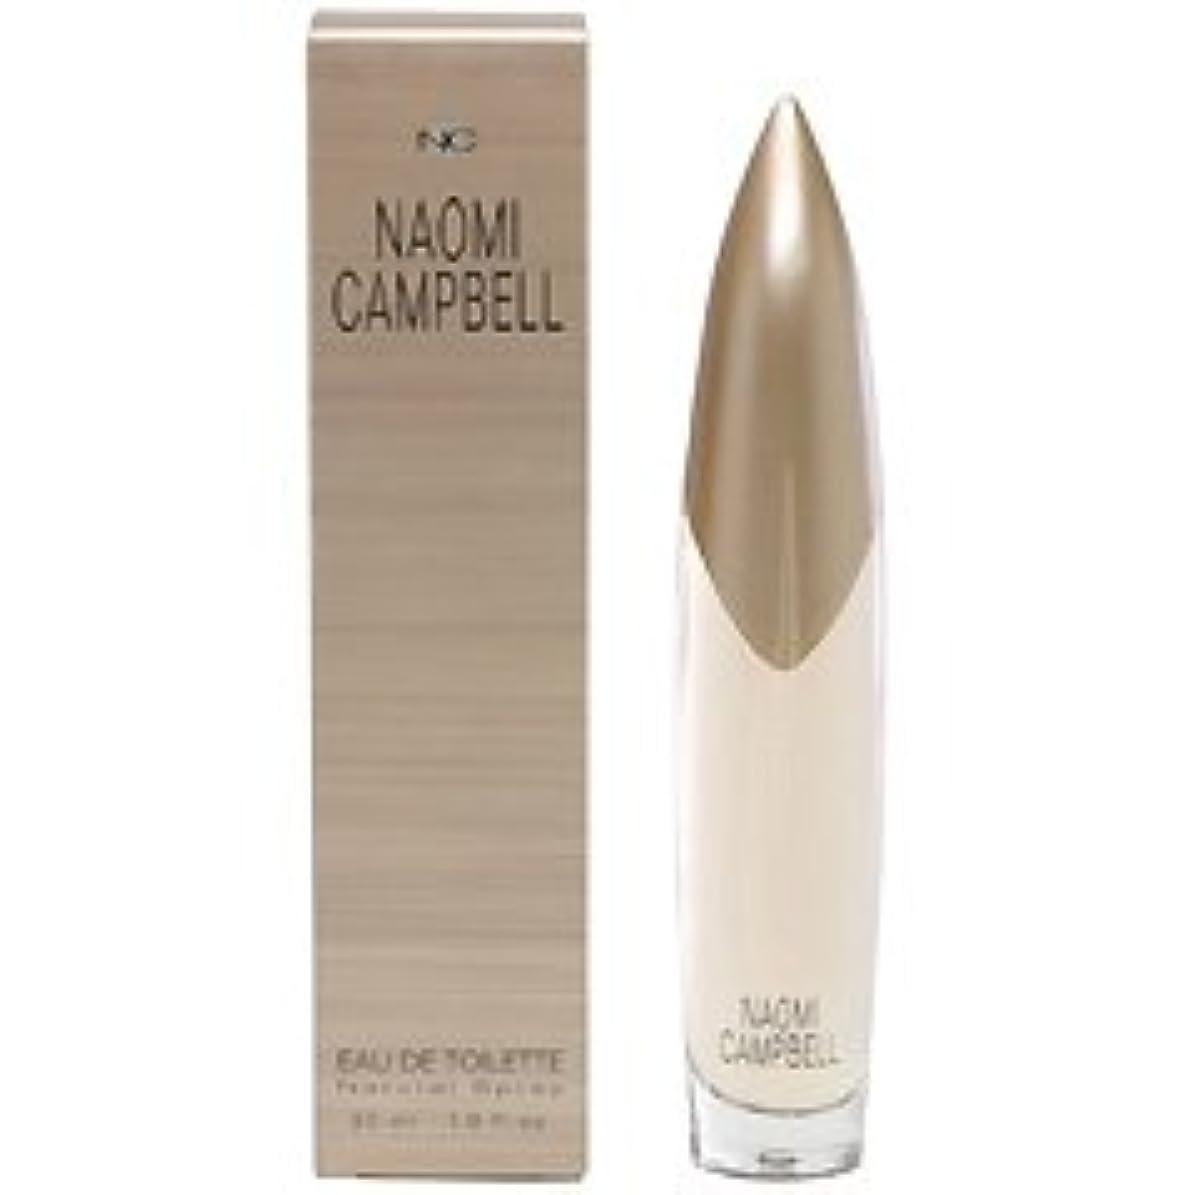 監査中に神経ナオミ キャンベル NAOMI CAMPBELL ナオミ キャンベル EDT SP 30ml